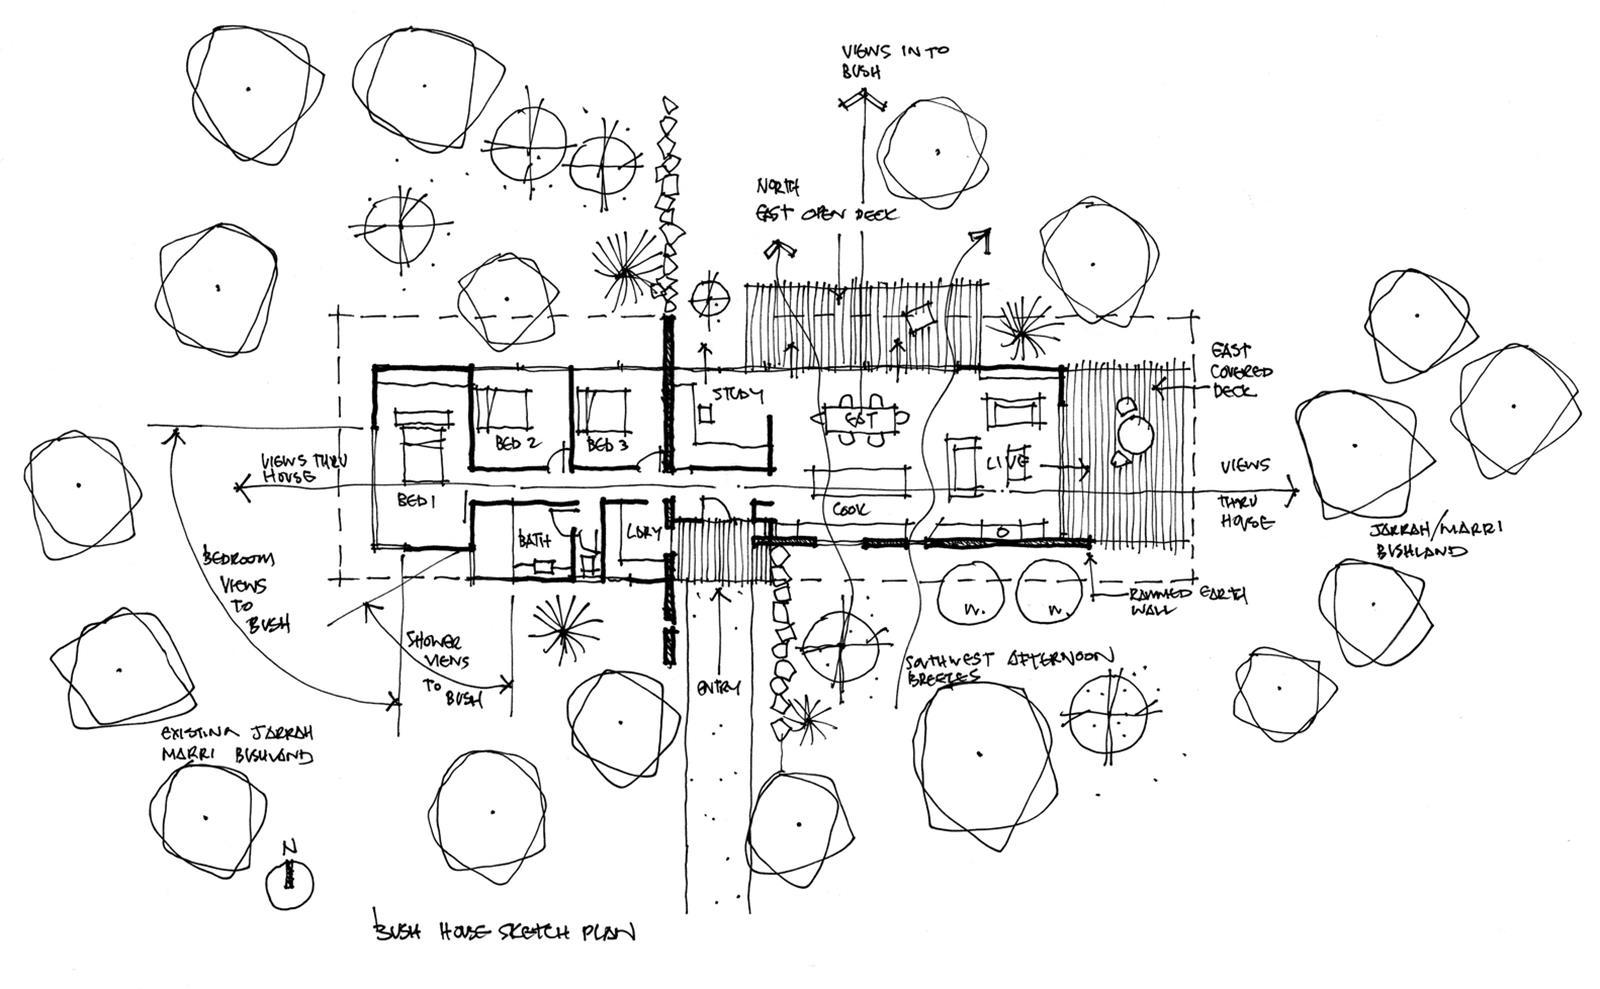 2_bush_house_sketch_plan (Copy)